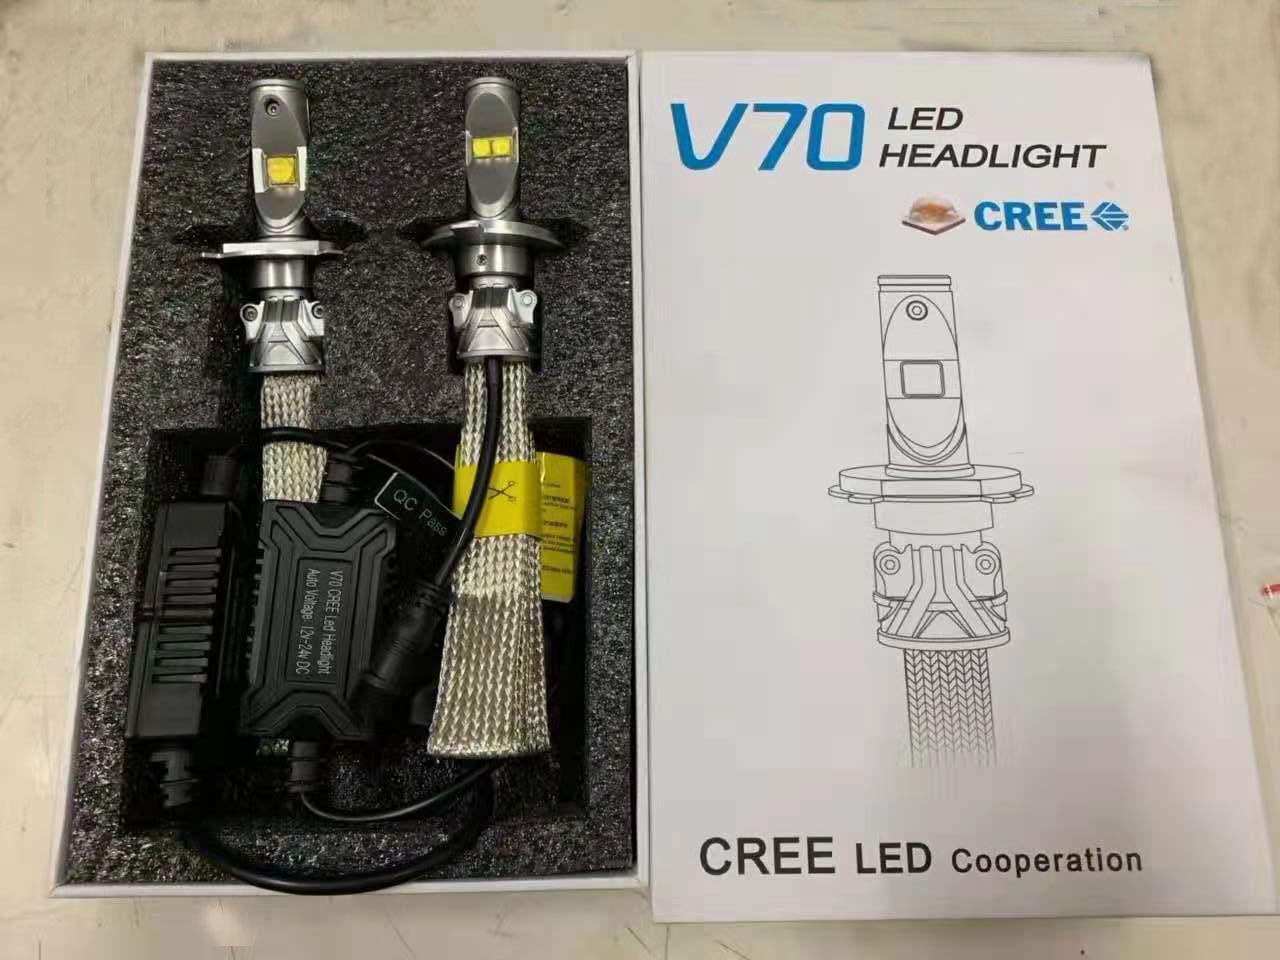 V70 headlight